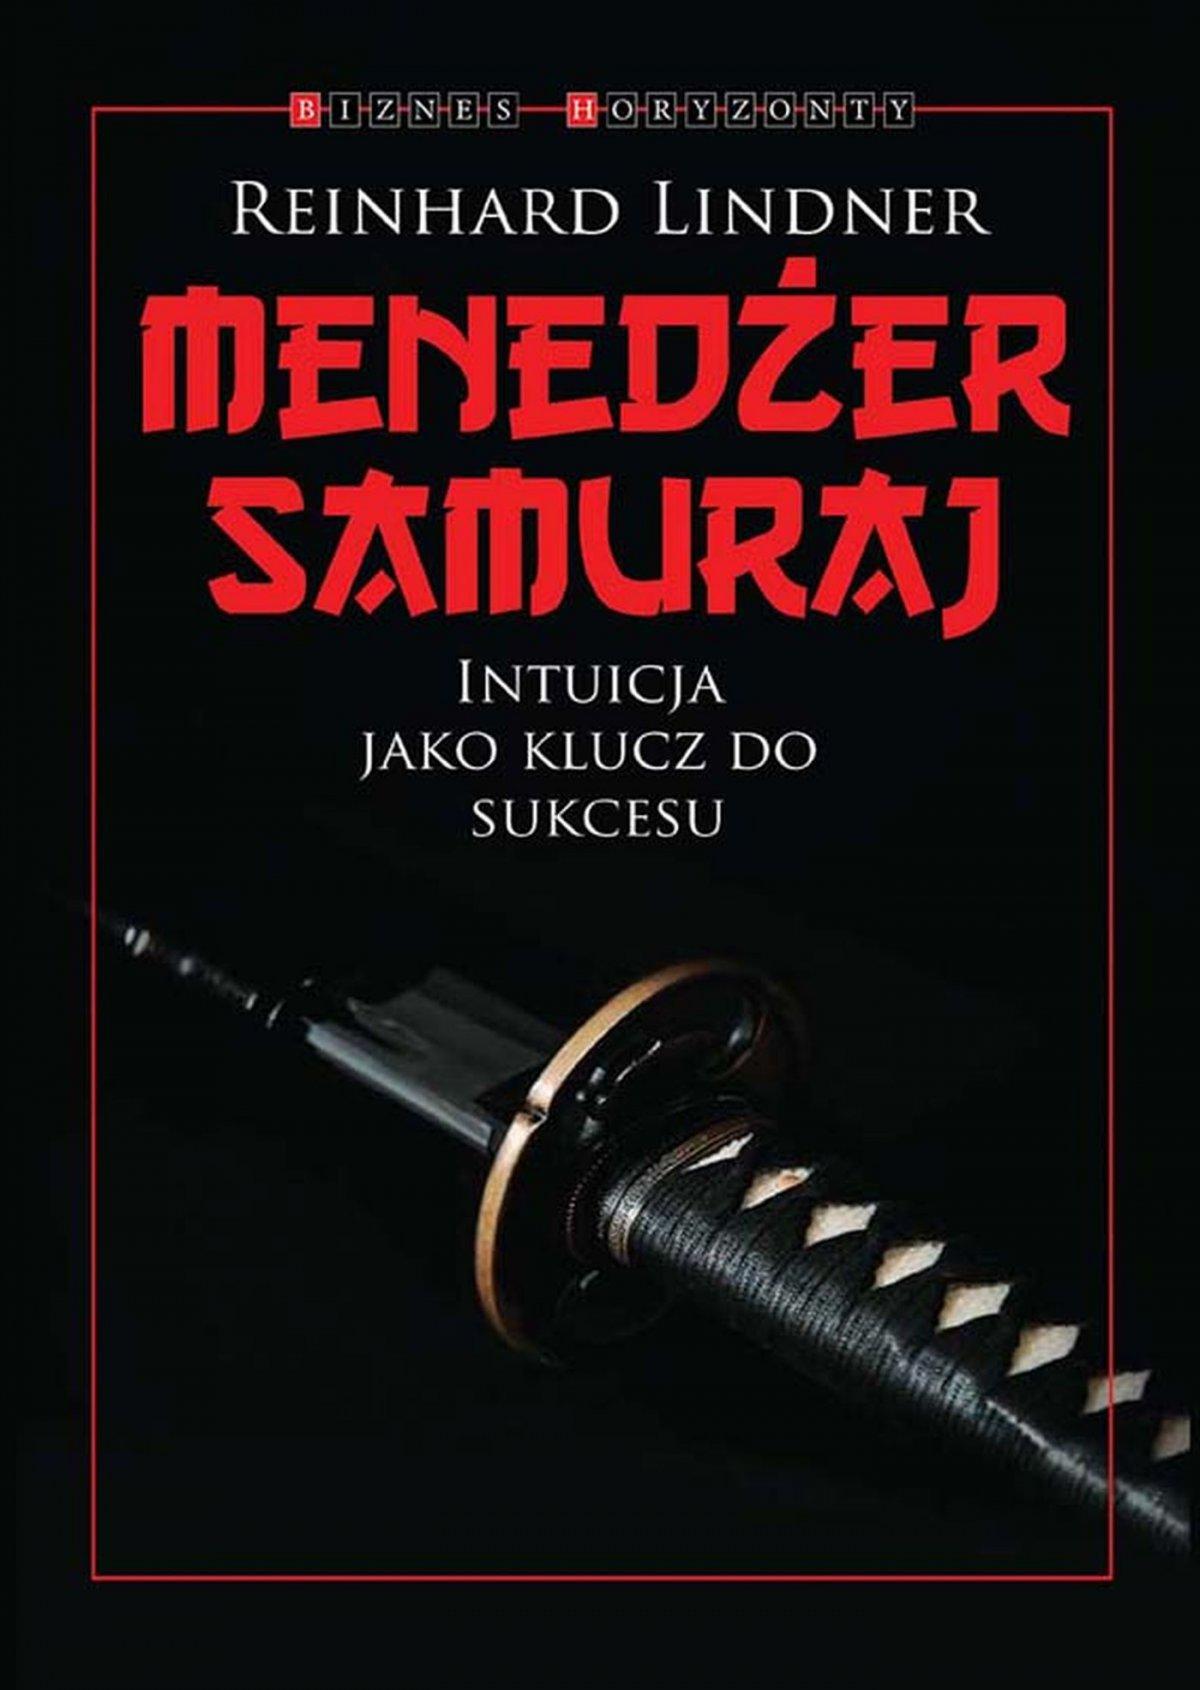 Menedżer Samuraj - Ebook (Książka PDF) do pobrania w formacie PDF